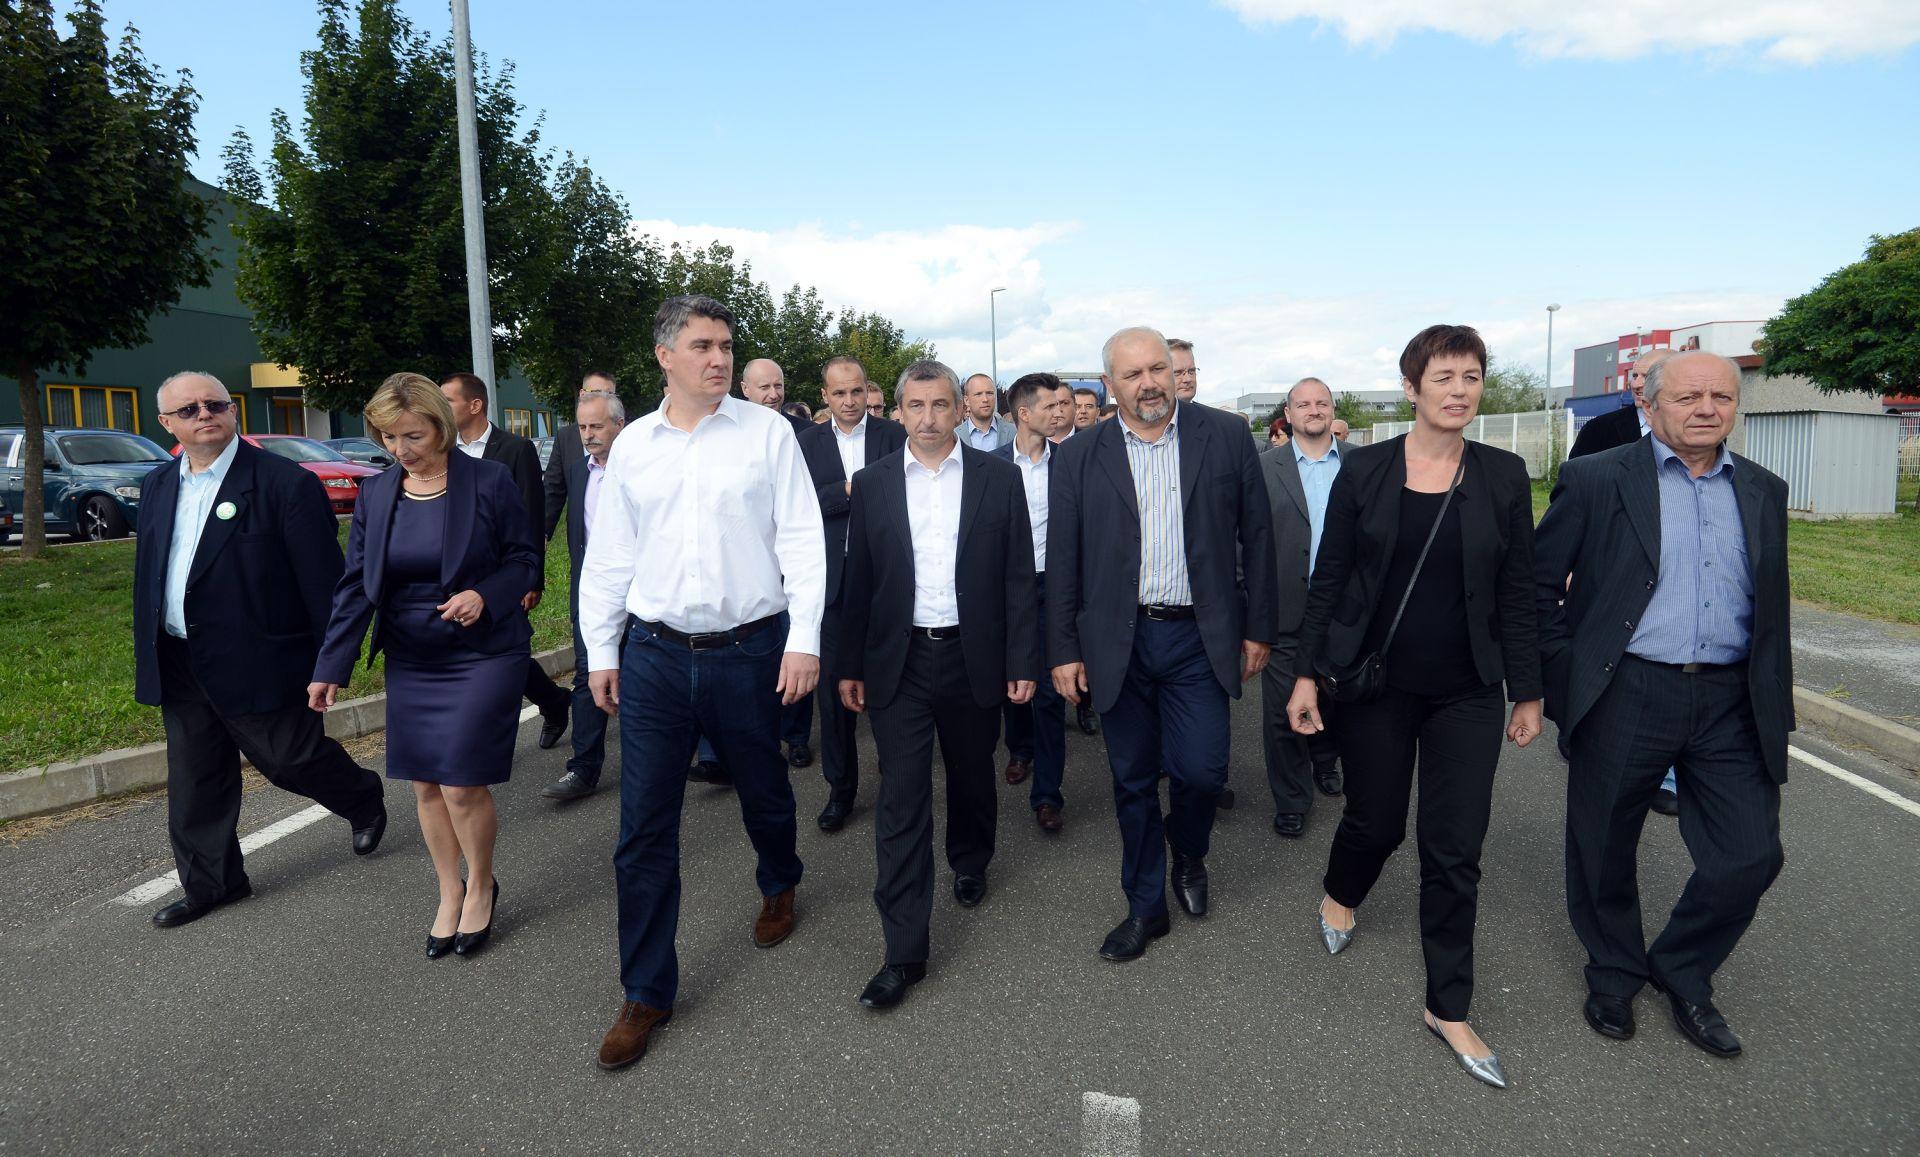 """FOTO: Potpisan sporazum o koaliciji """"Hrvatska raste, nema povratka na staro"""""""